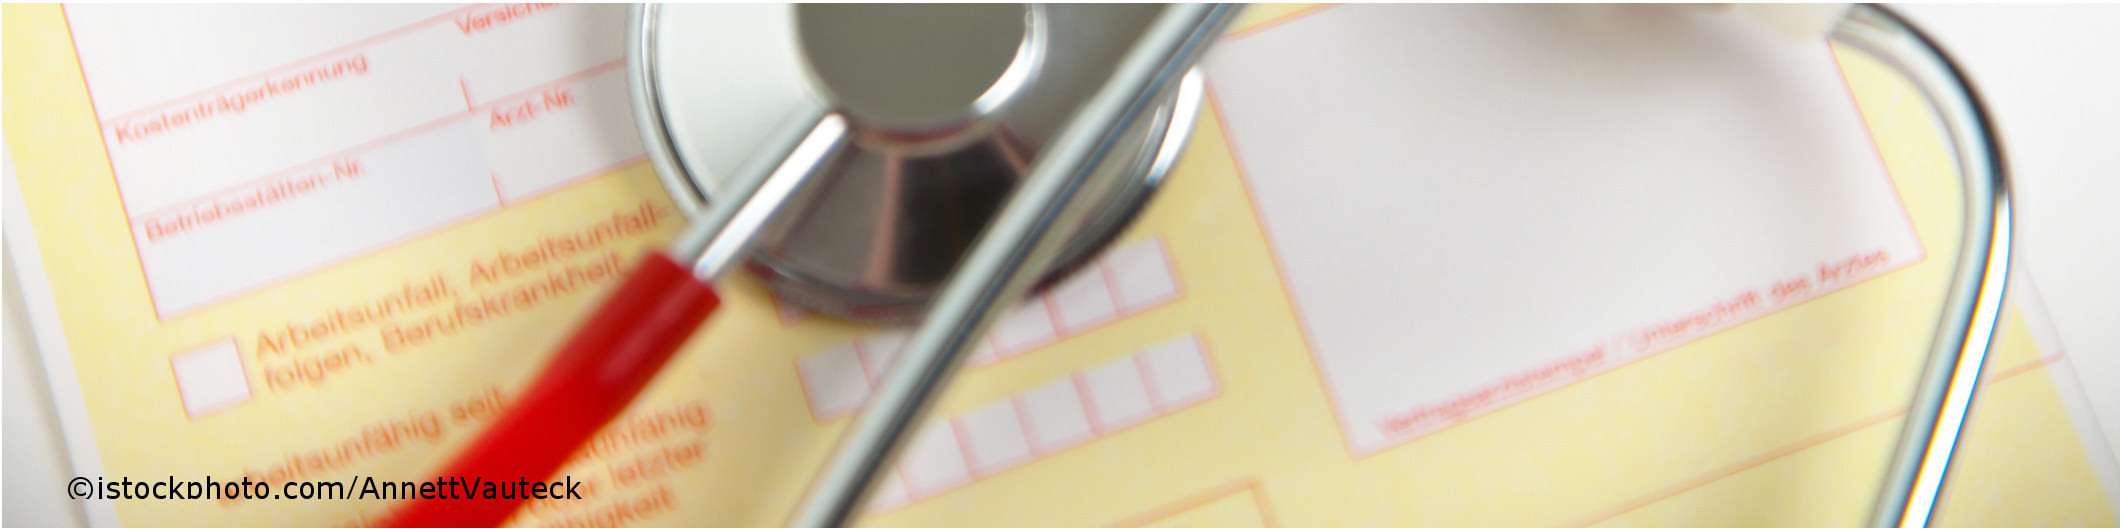 Im ICD-10 Diagnoseschlüssel steht F41 für andere Angststörungen. Angststörungen sind Erkrankungen, bei denen die Betroffenen unter Ängsten leiden, die im Gegensatz zu Phobien nicht nur auf spezifische Situationen oder Dinge gerichtet sind.